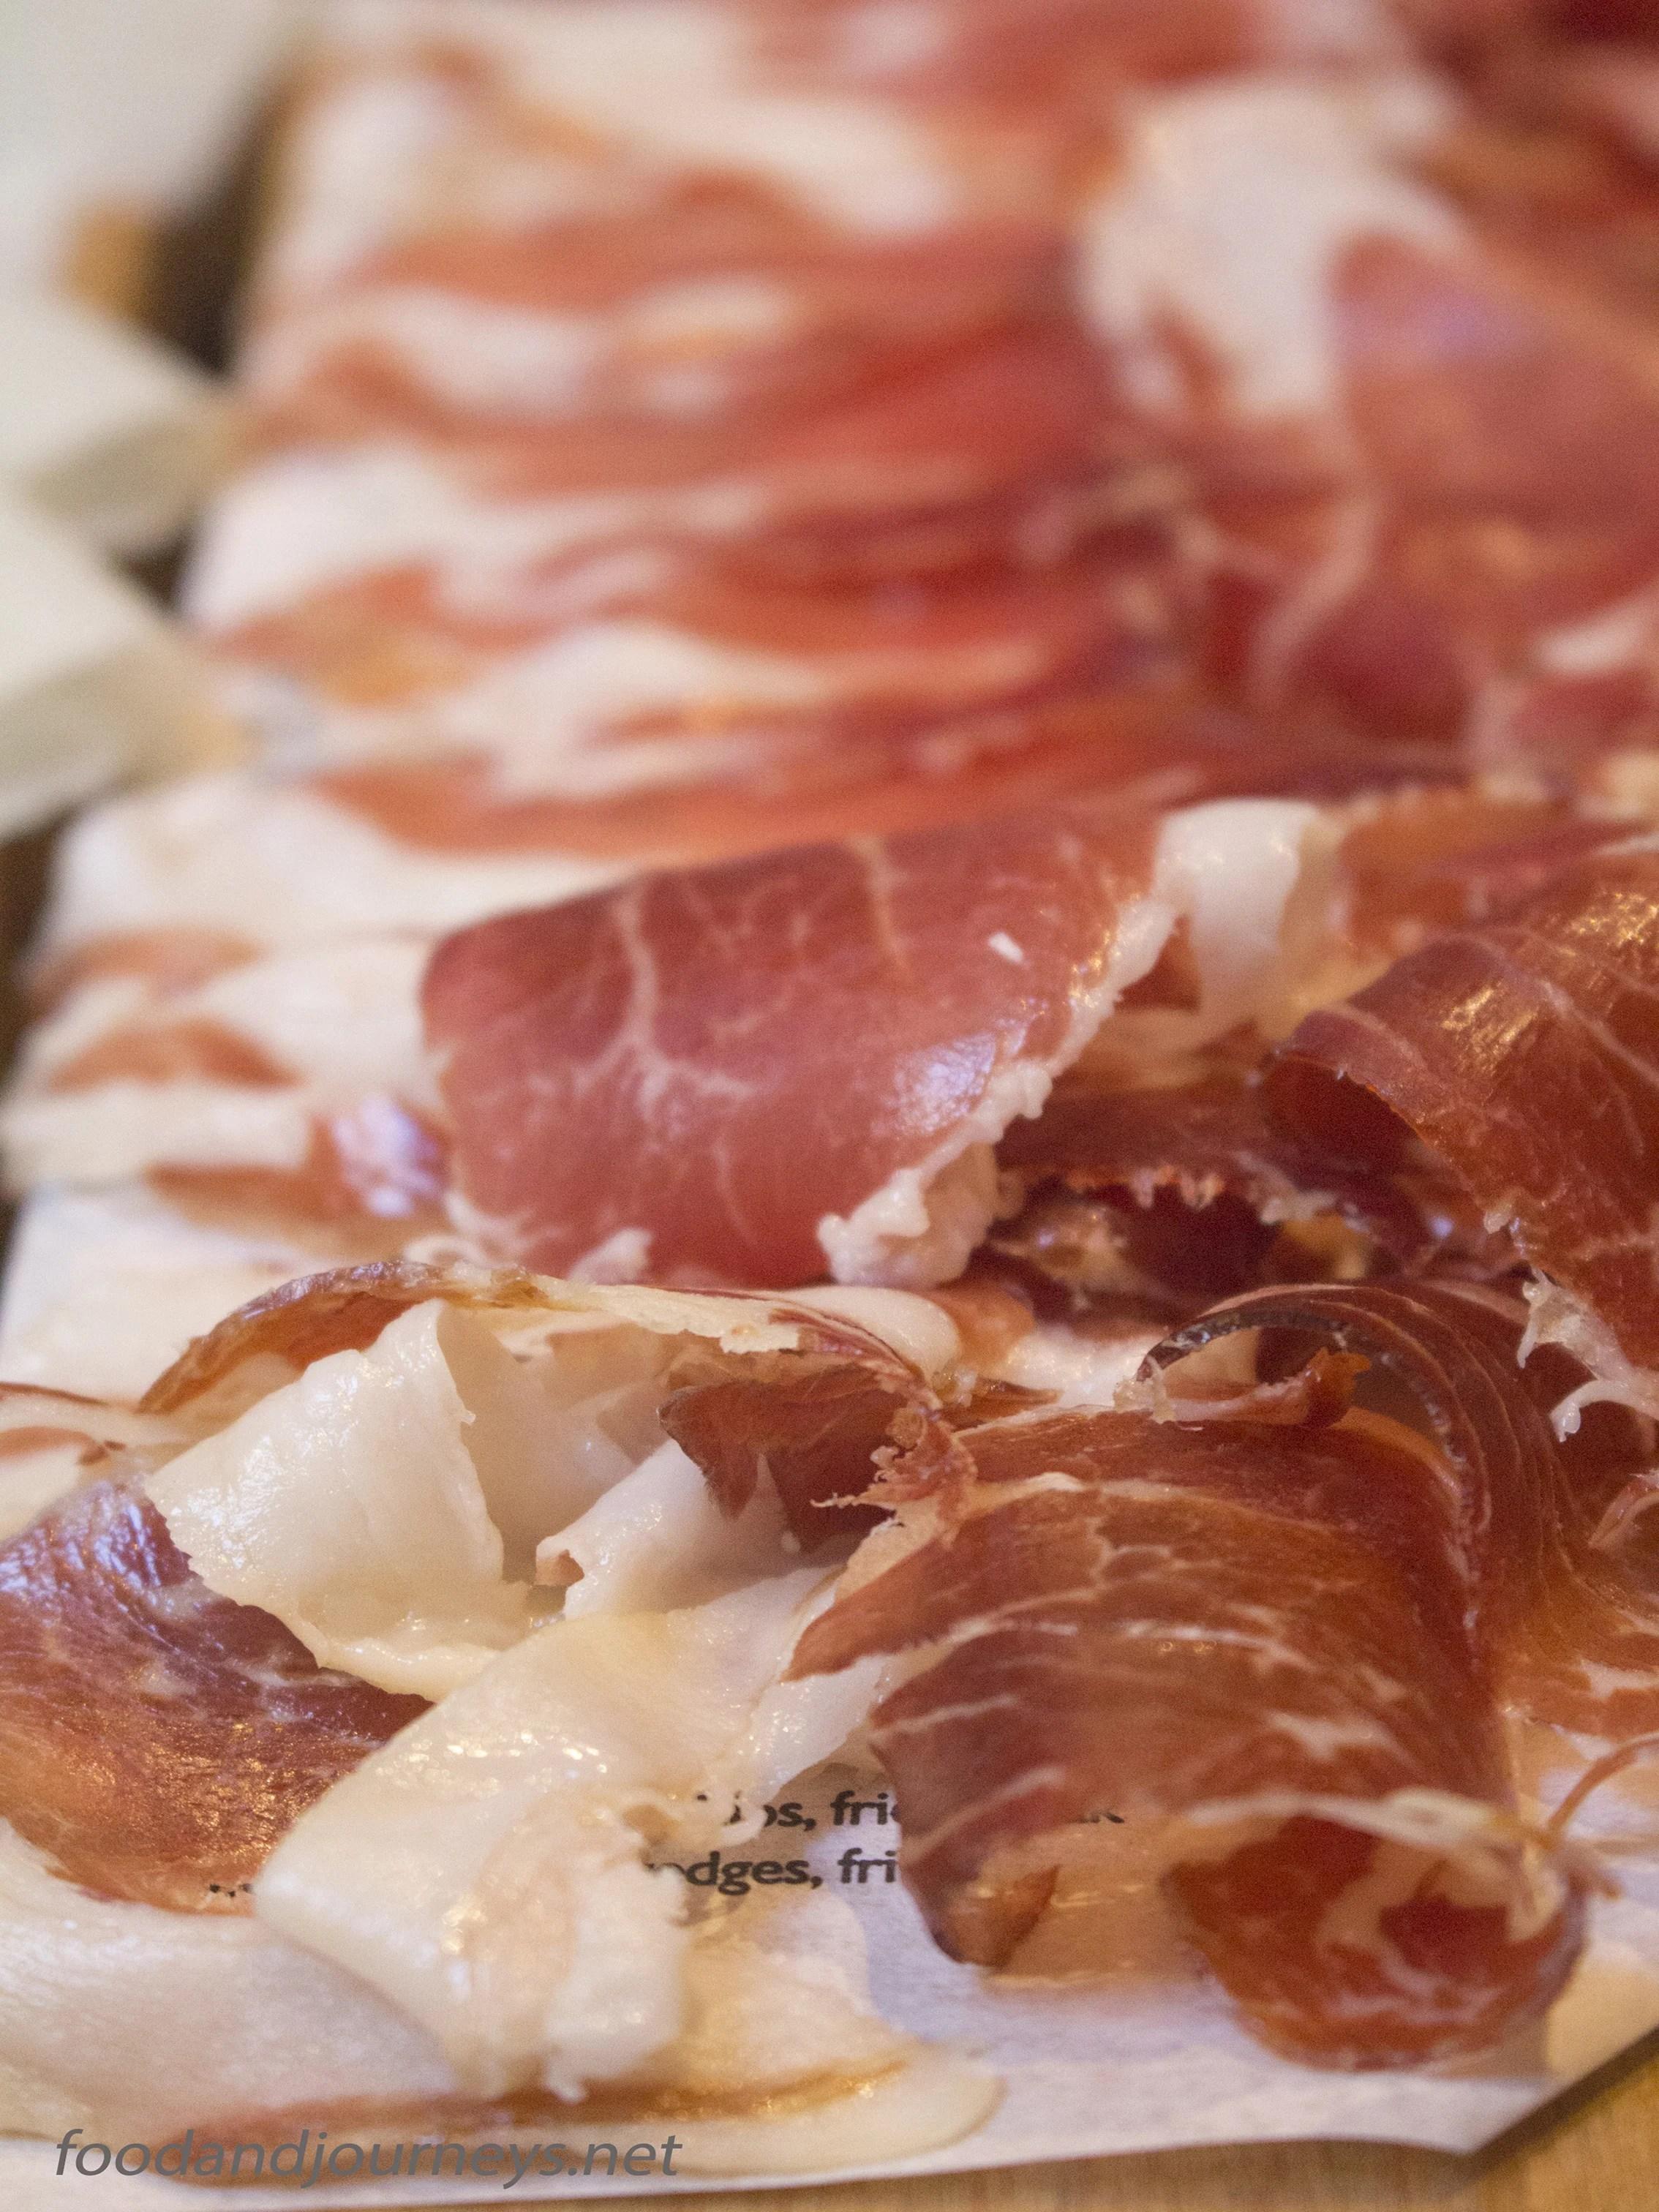 Jamon Iberico Barcelona|foodandjourneys.net